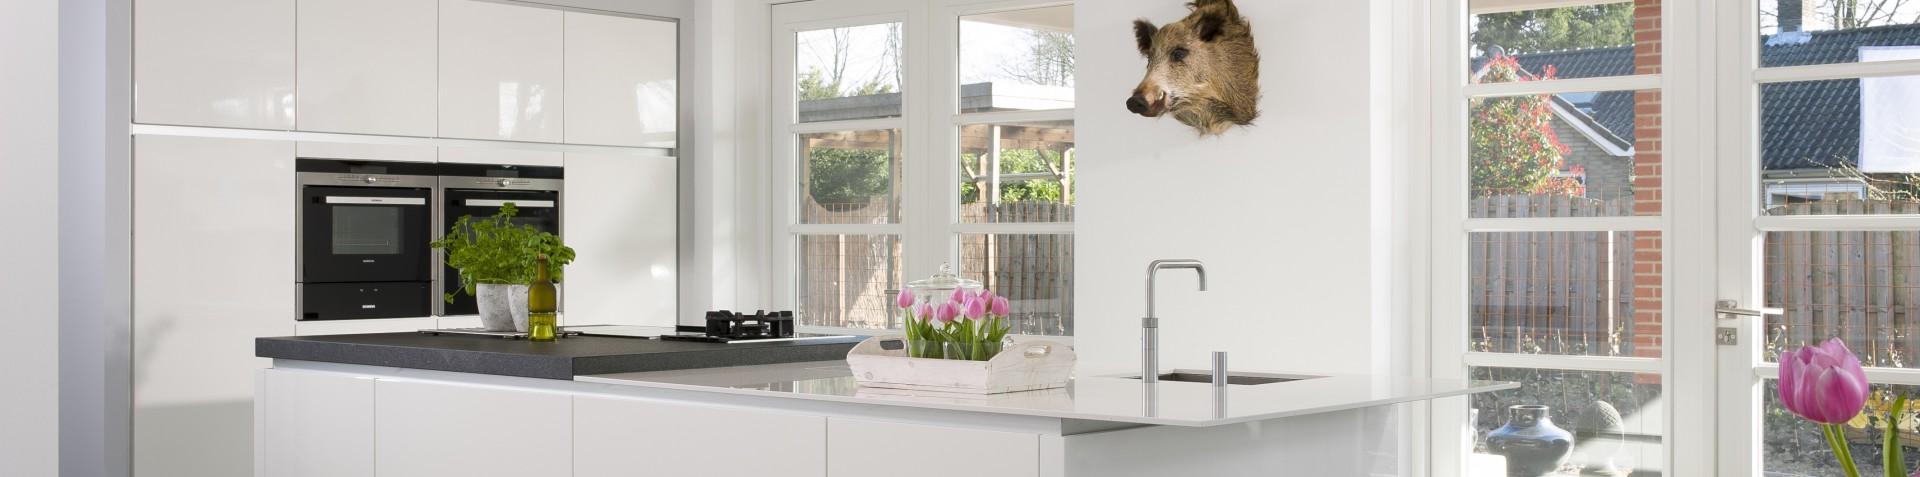 Keuken de westereen keukenarchitectuur - Keuken volledige verkoop ...